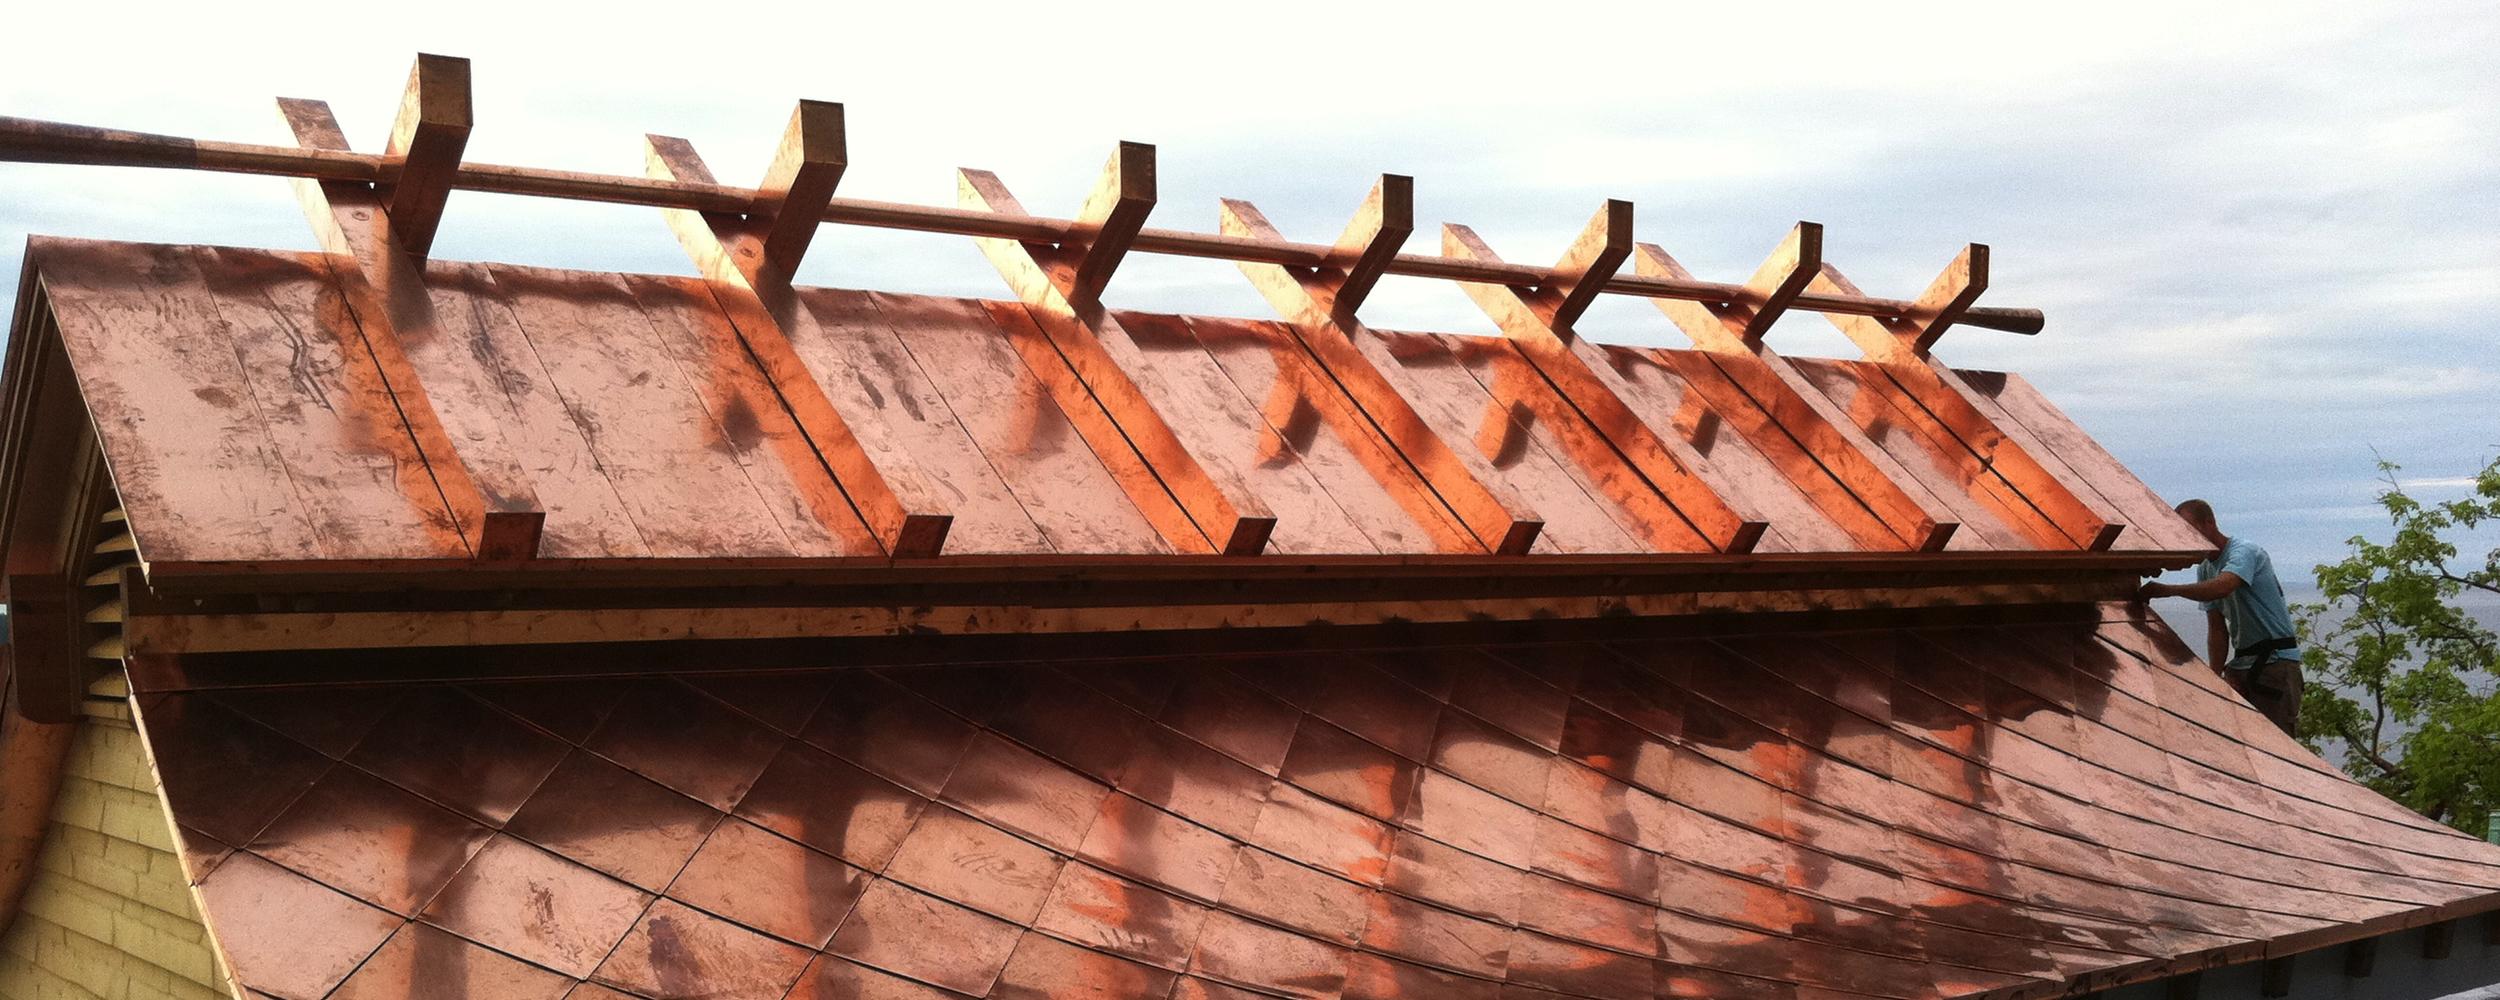 custom design copper roof